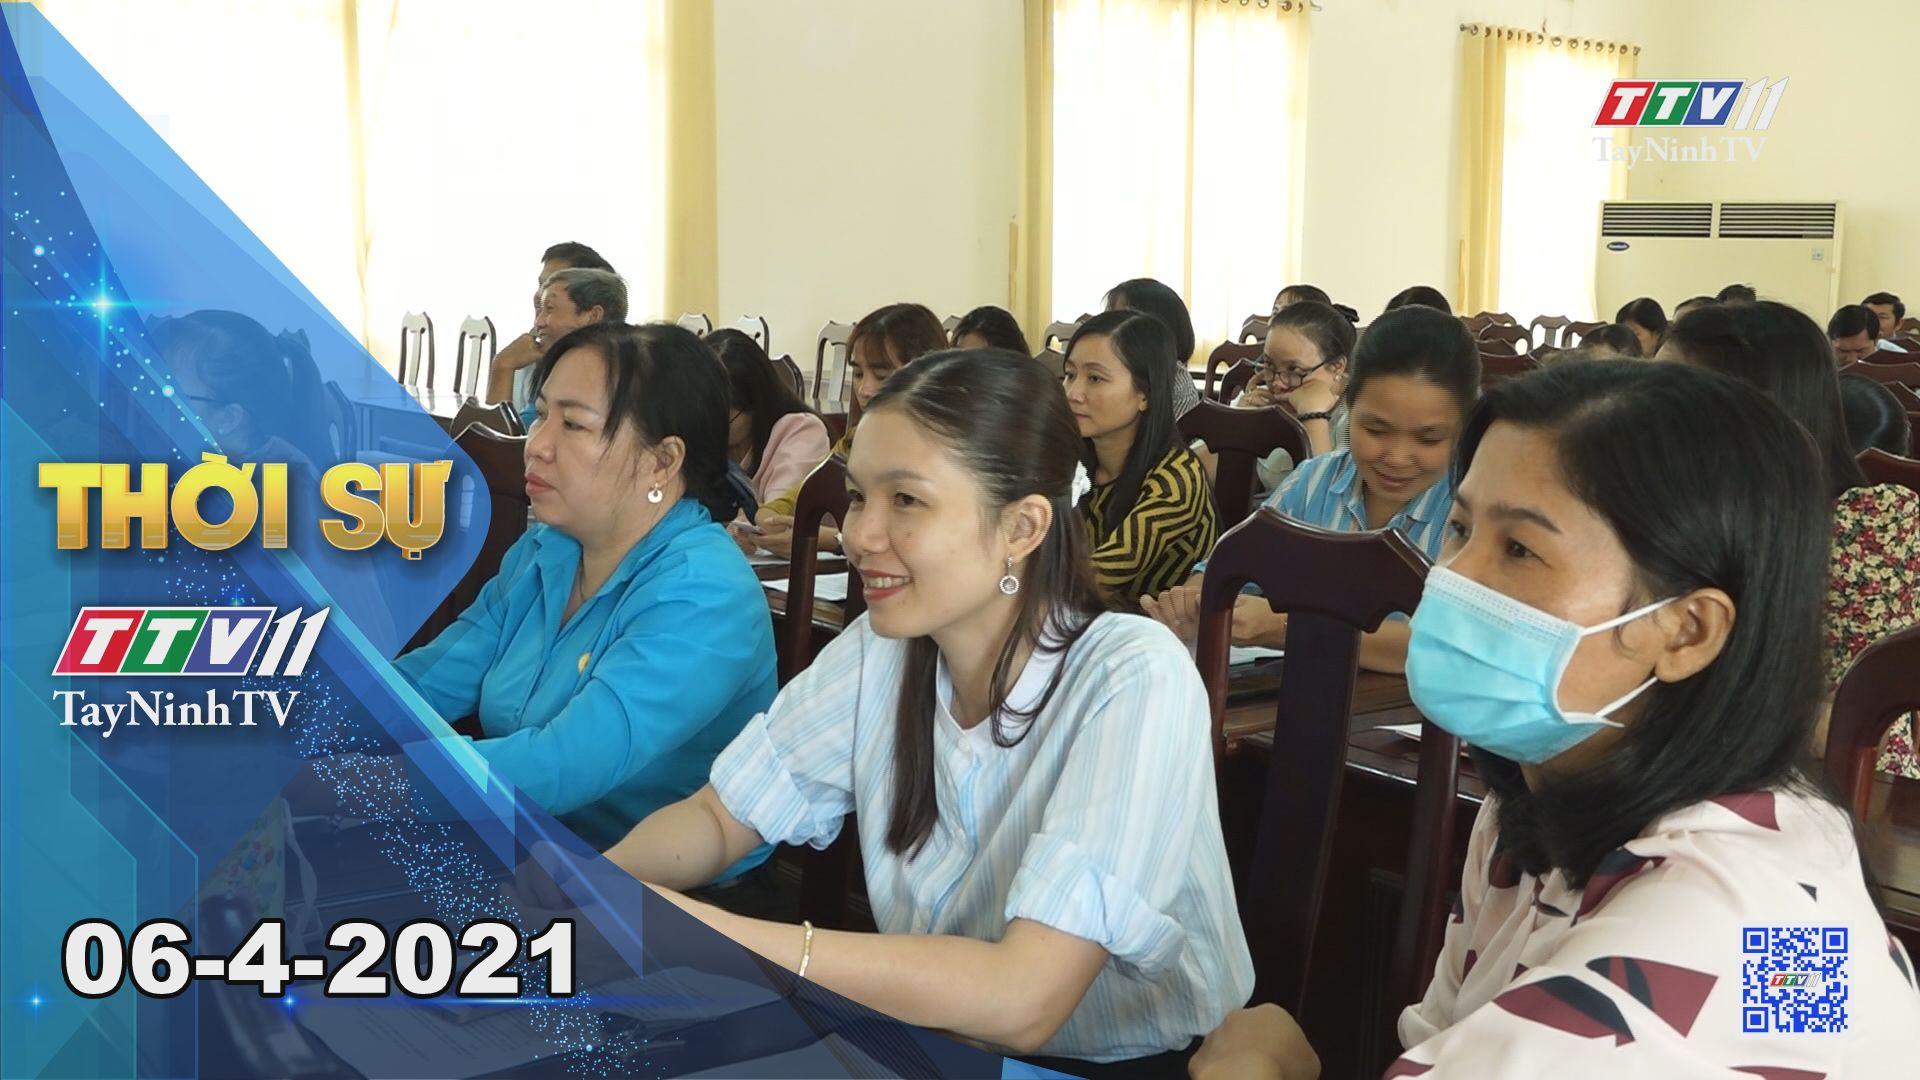 Thời sự Tây Ninh 06-4-2021 | Tin tức hôm nay | TayNinhTV